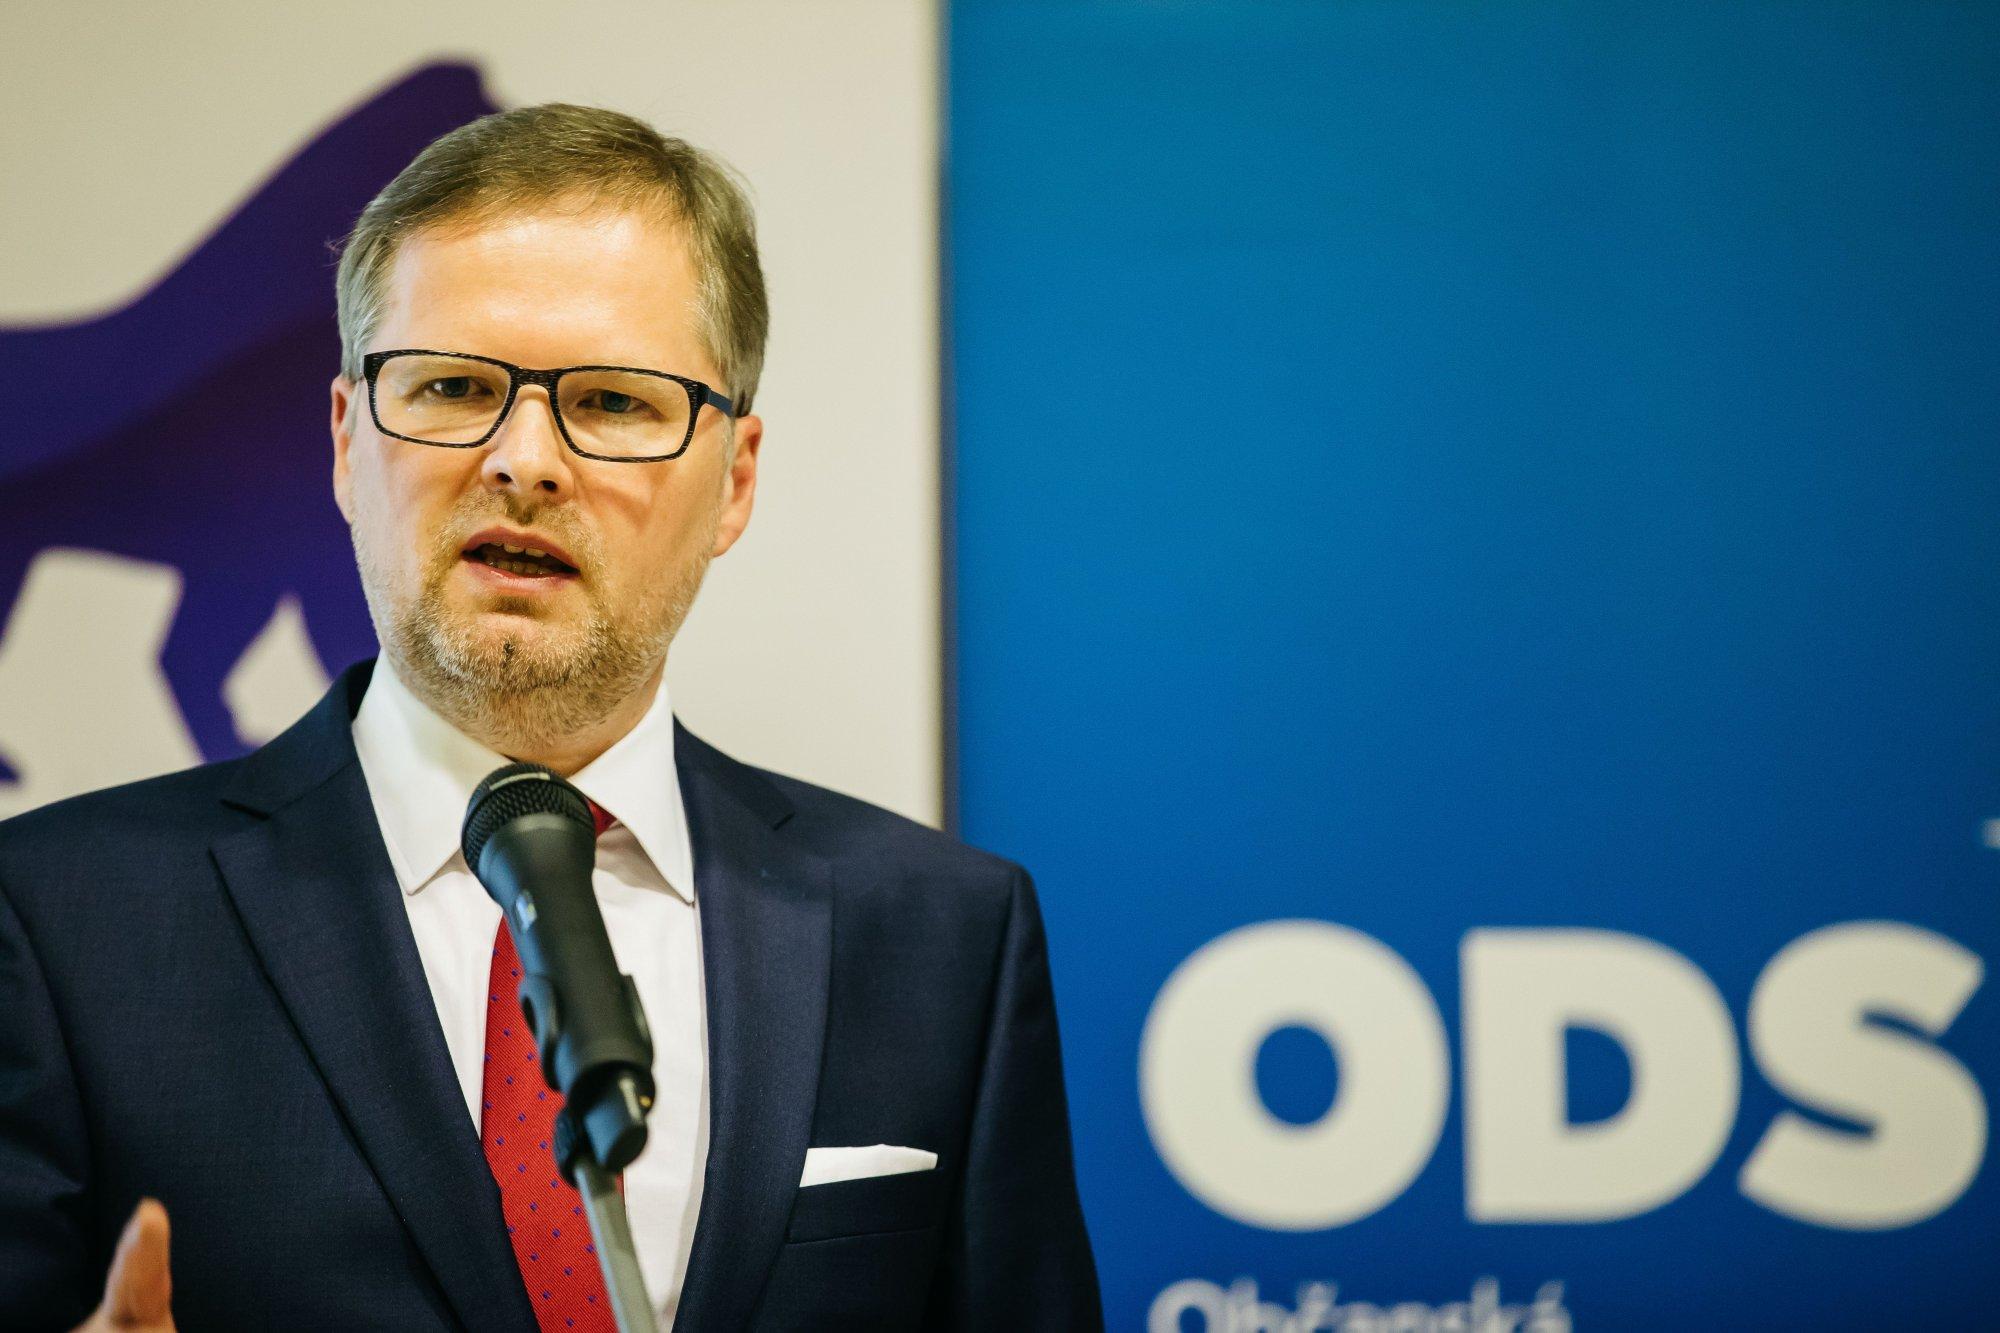 Petr Fiala: Babišovy nabídky jsou hra a mlha. ODS vládu podpořit nemůže